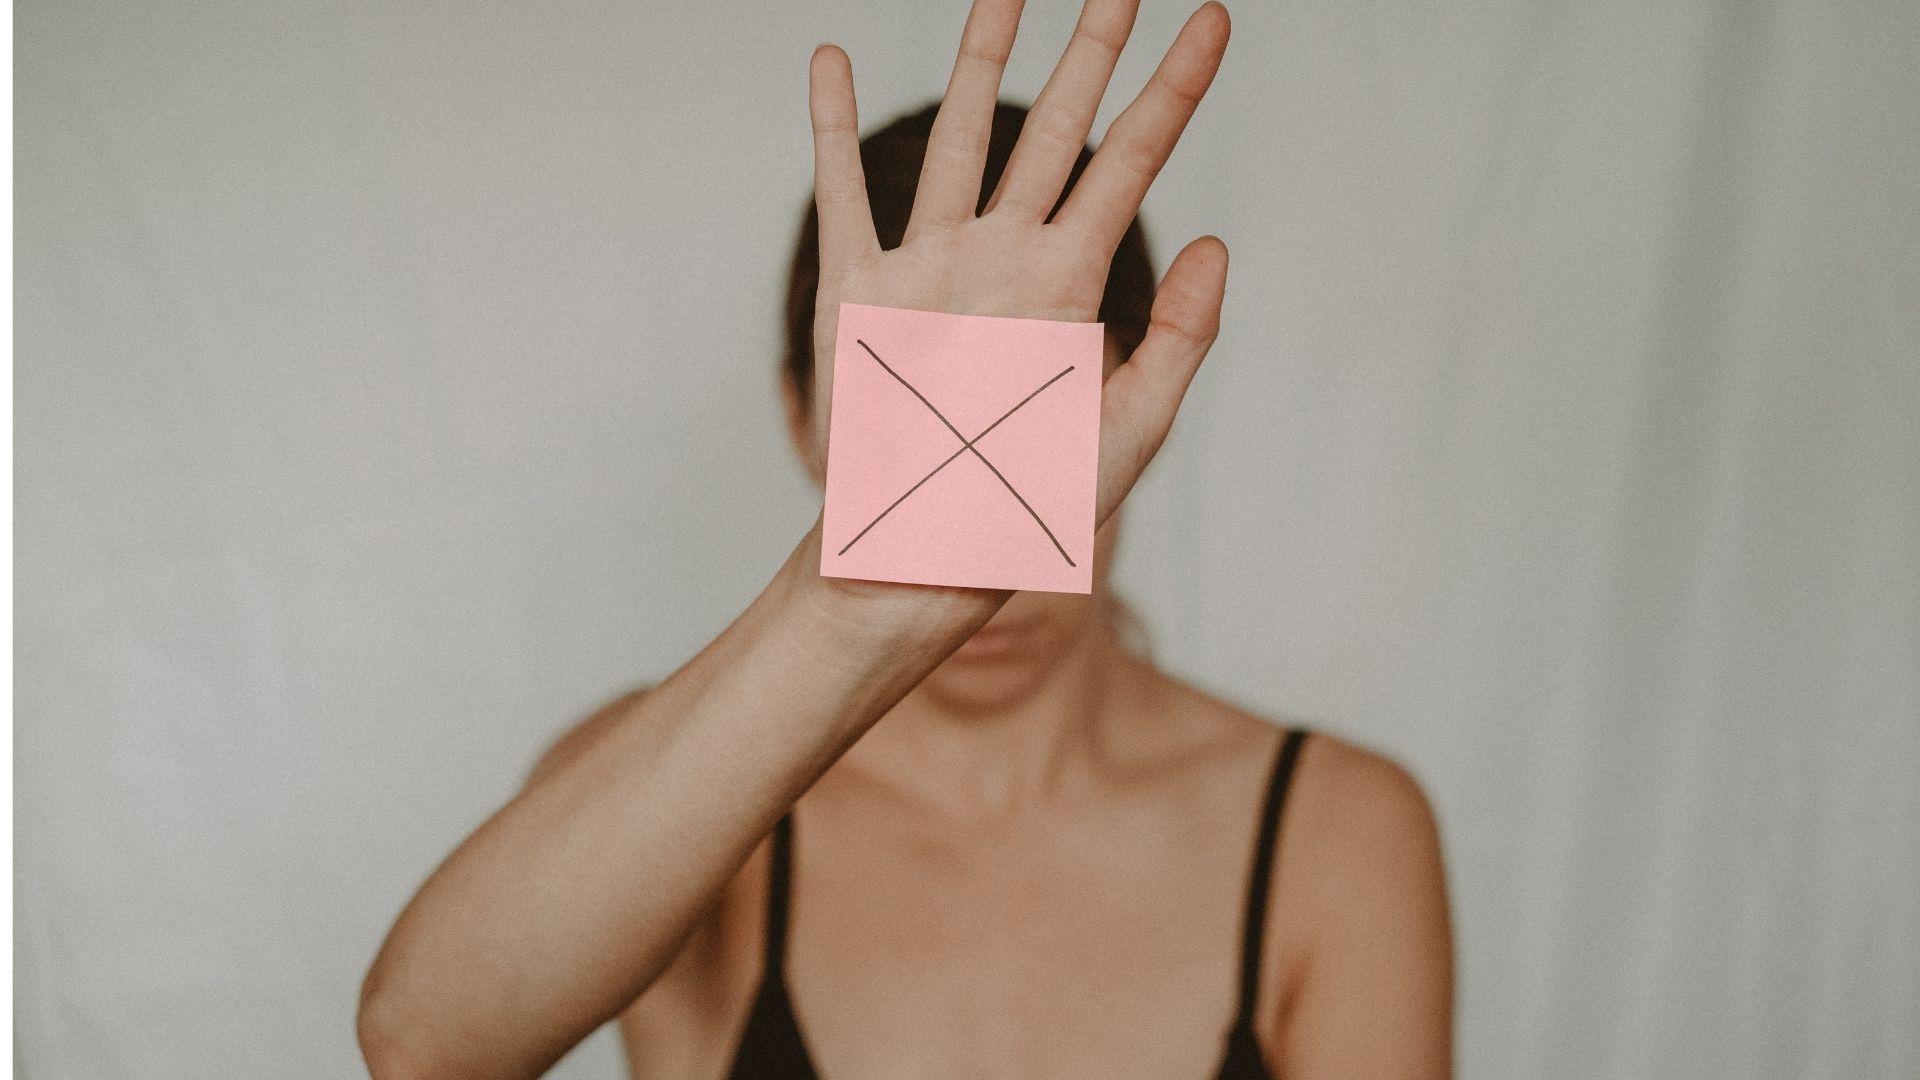 Violenza domestica sulle donne: come difendersi